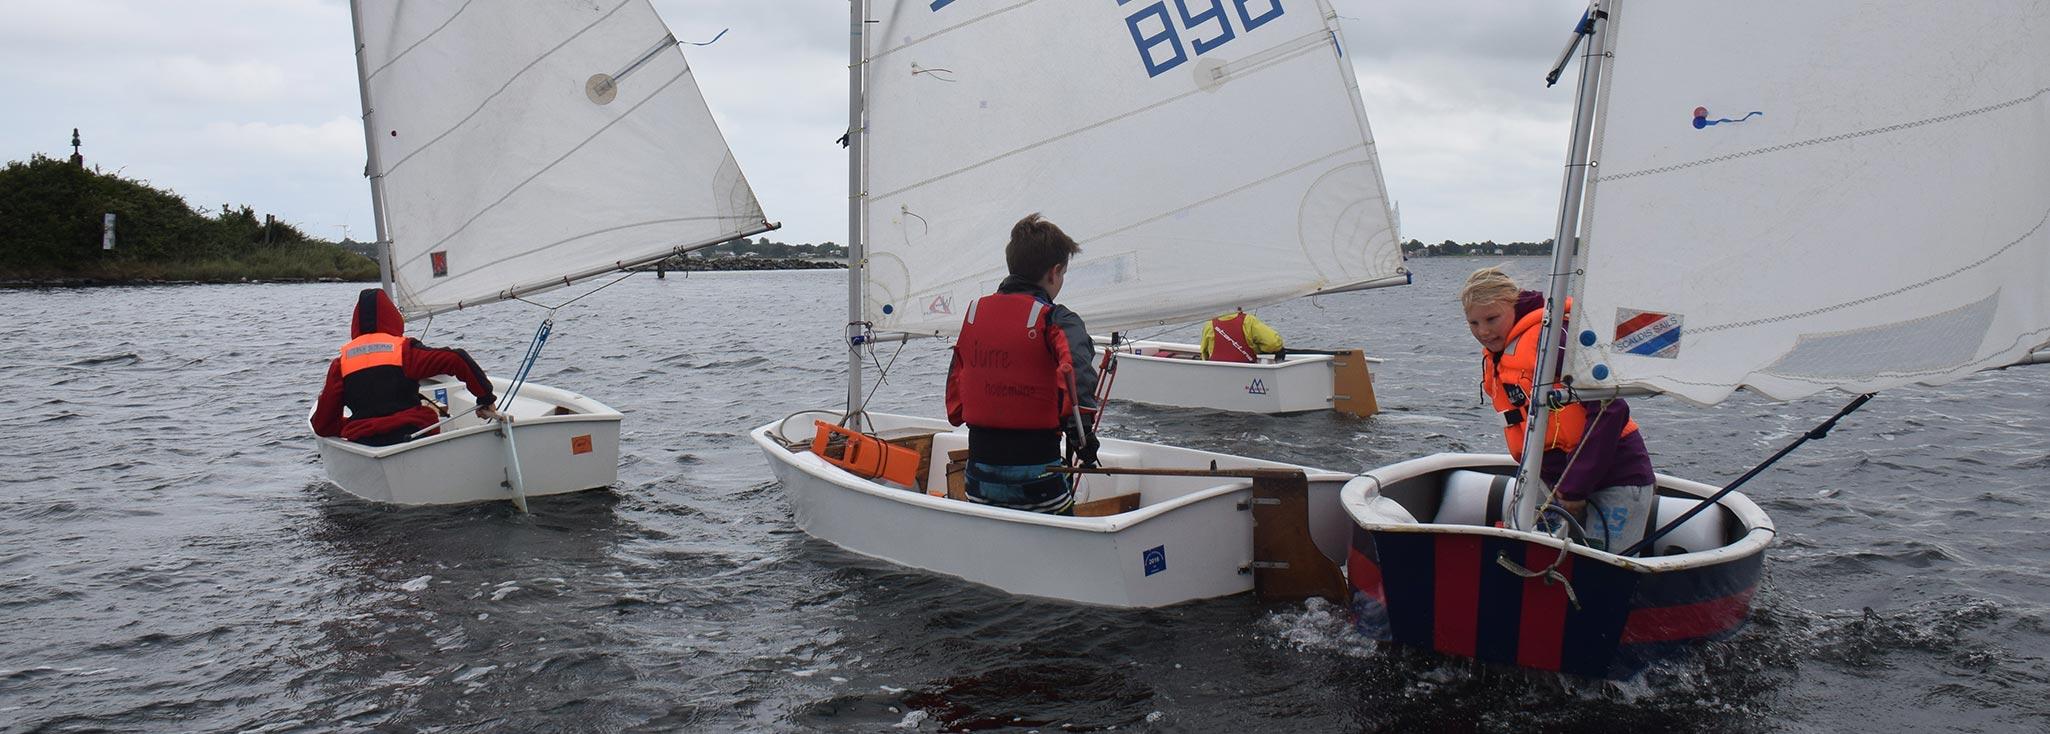 Wedstrijden watersport vereniging Arne